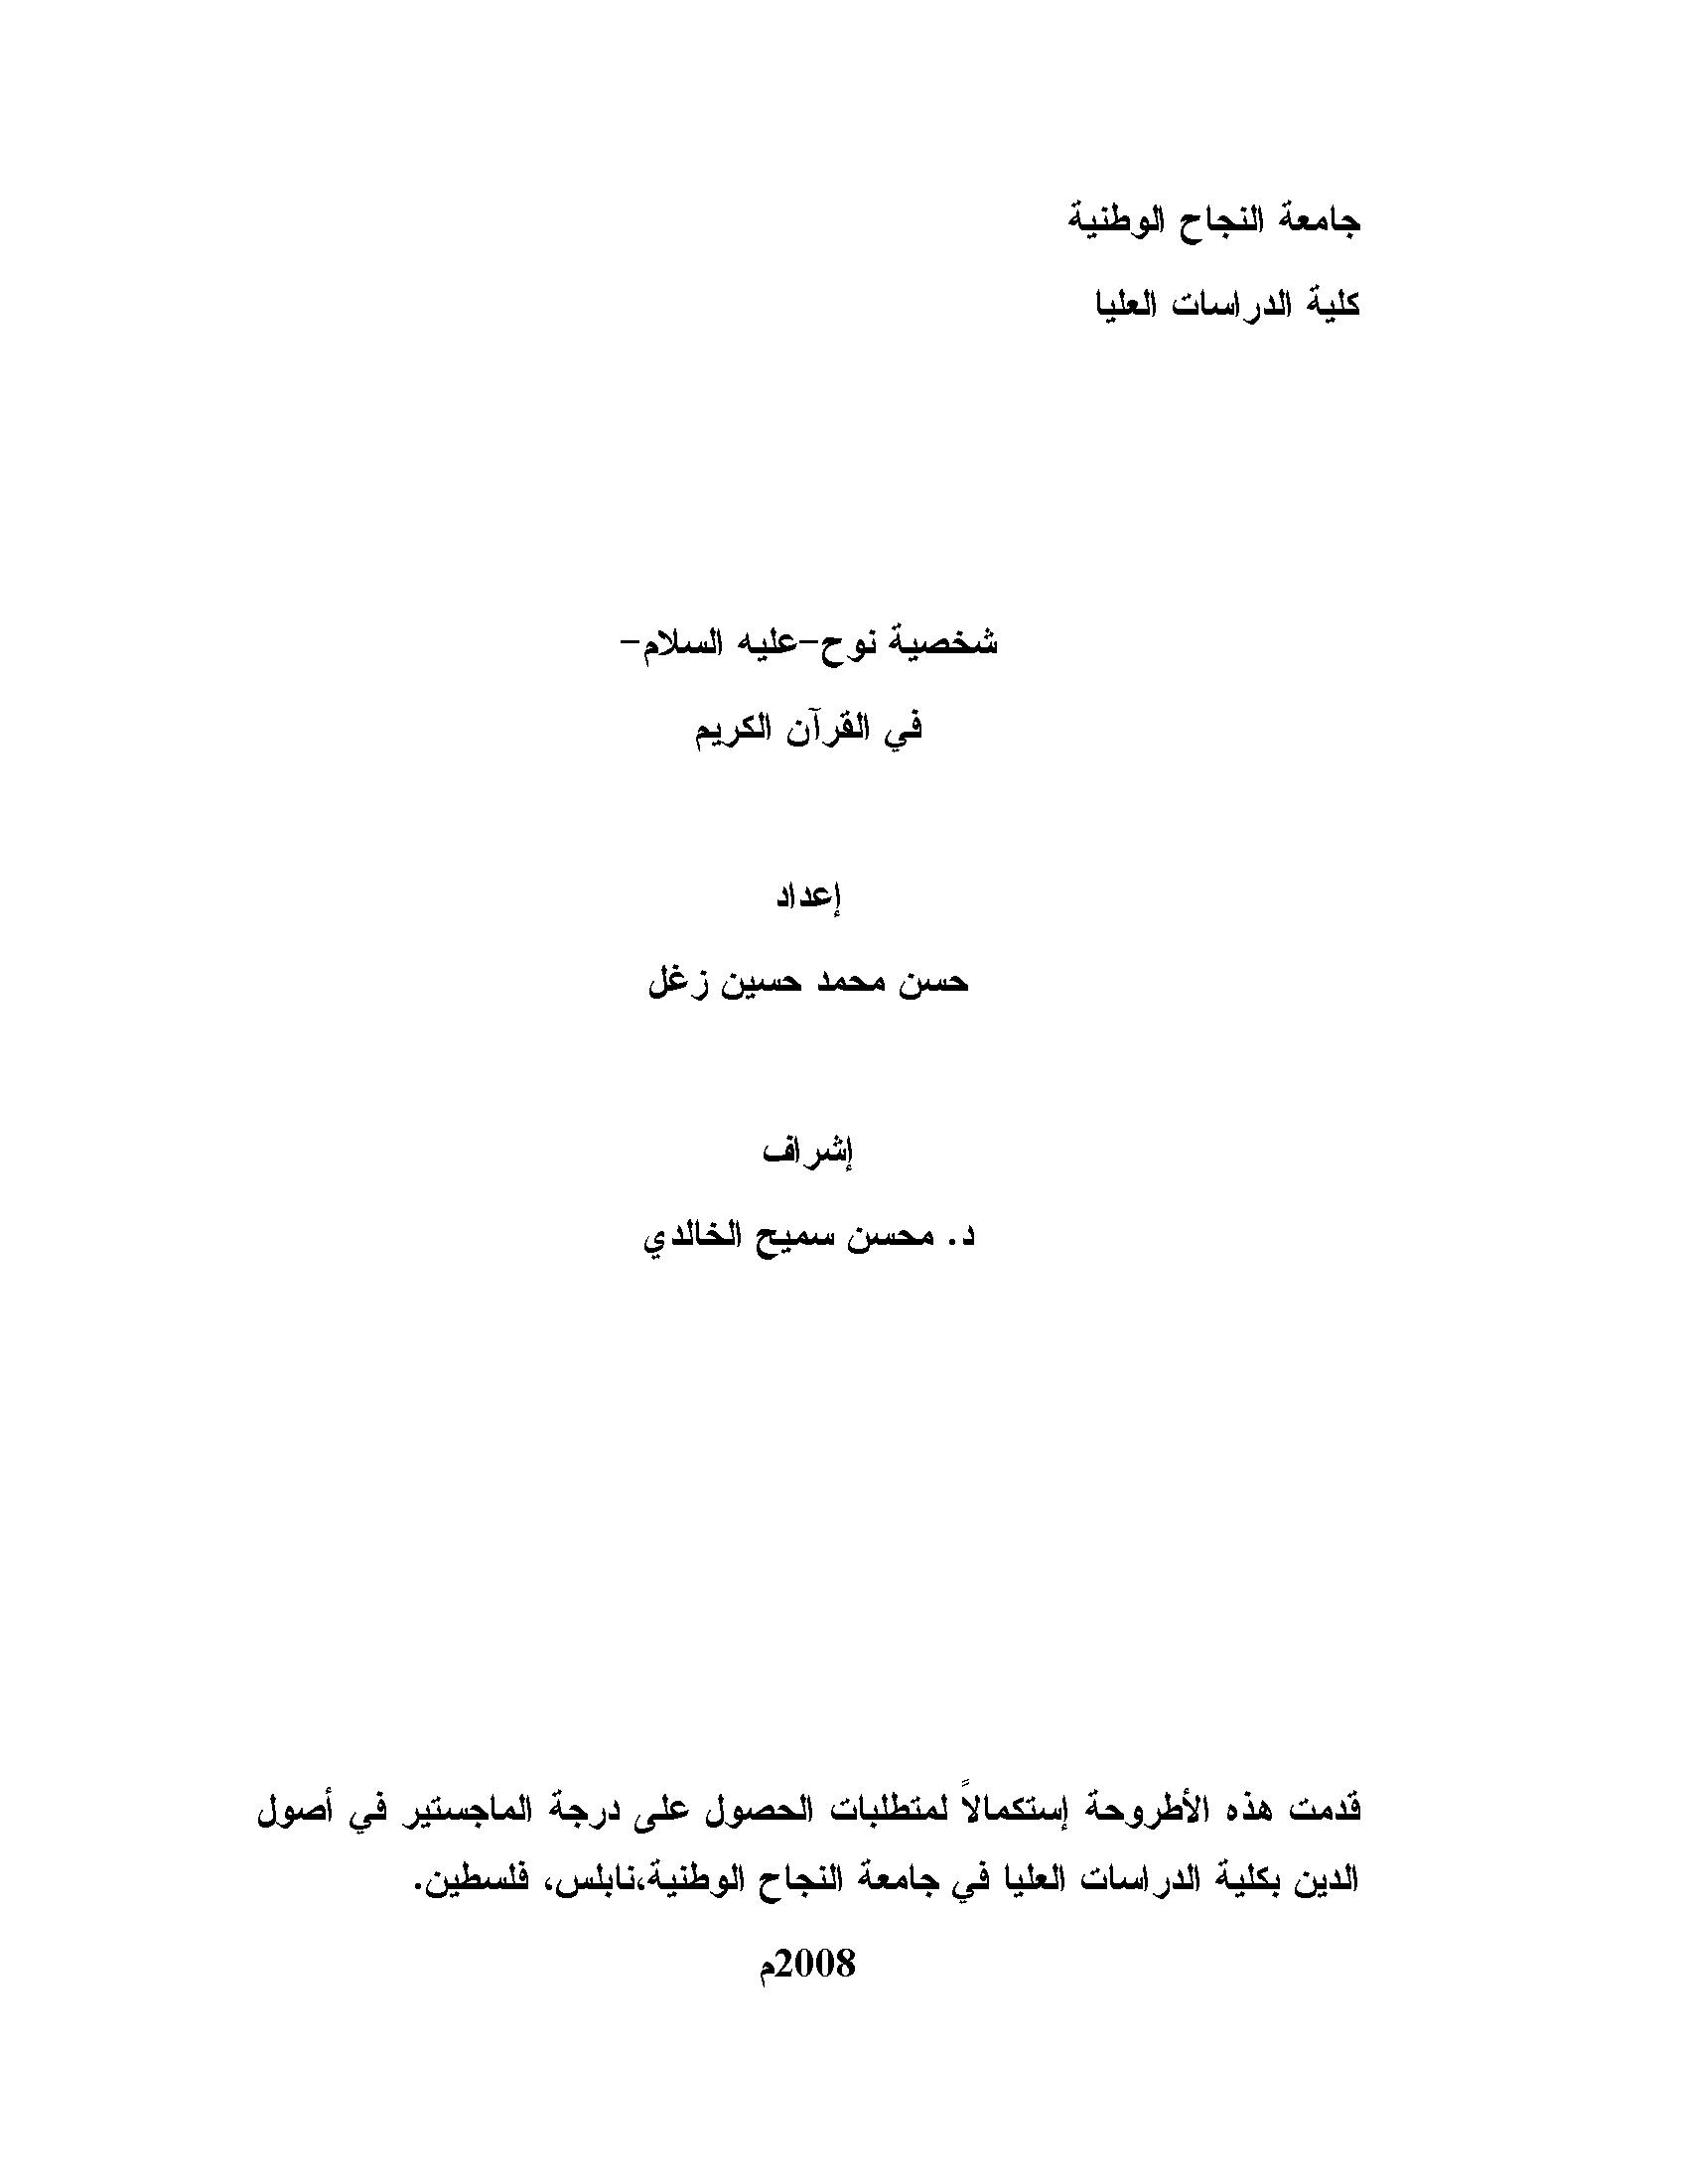 تحميل كتاب شخصية نوح عليه السلام في القرآن الكريم لـِ: حسن محمد حسين زغل